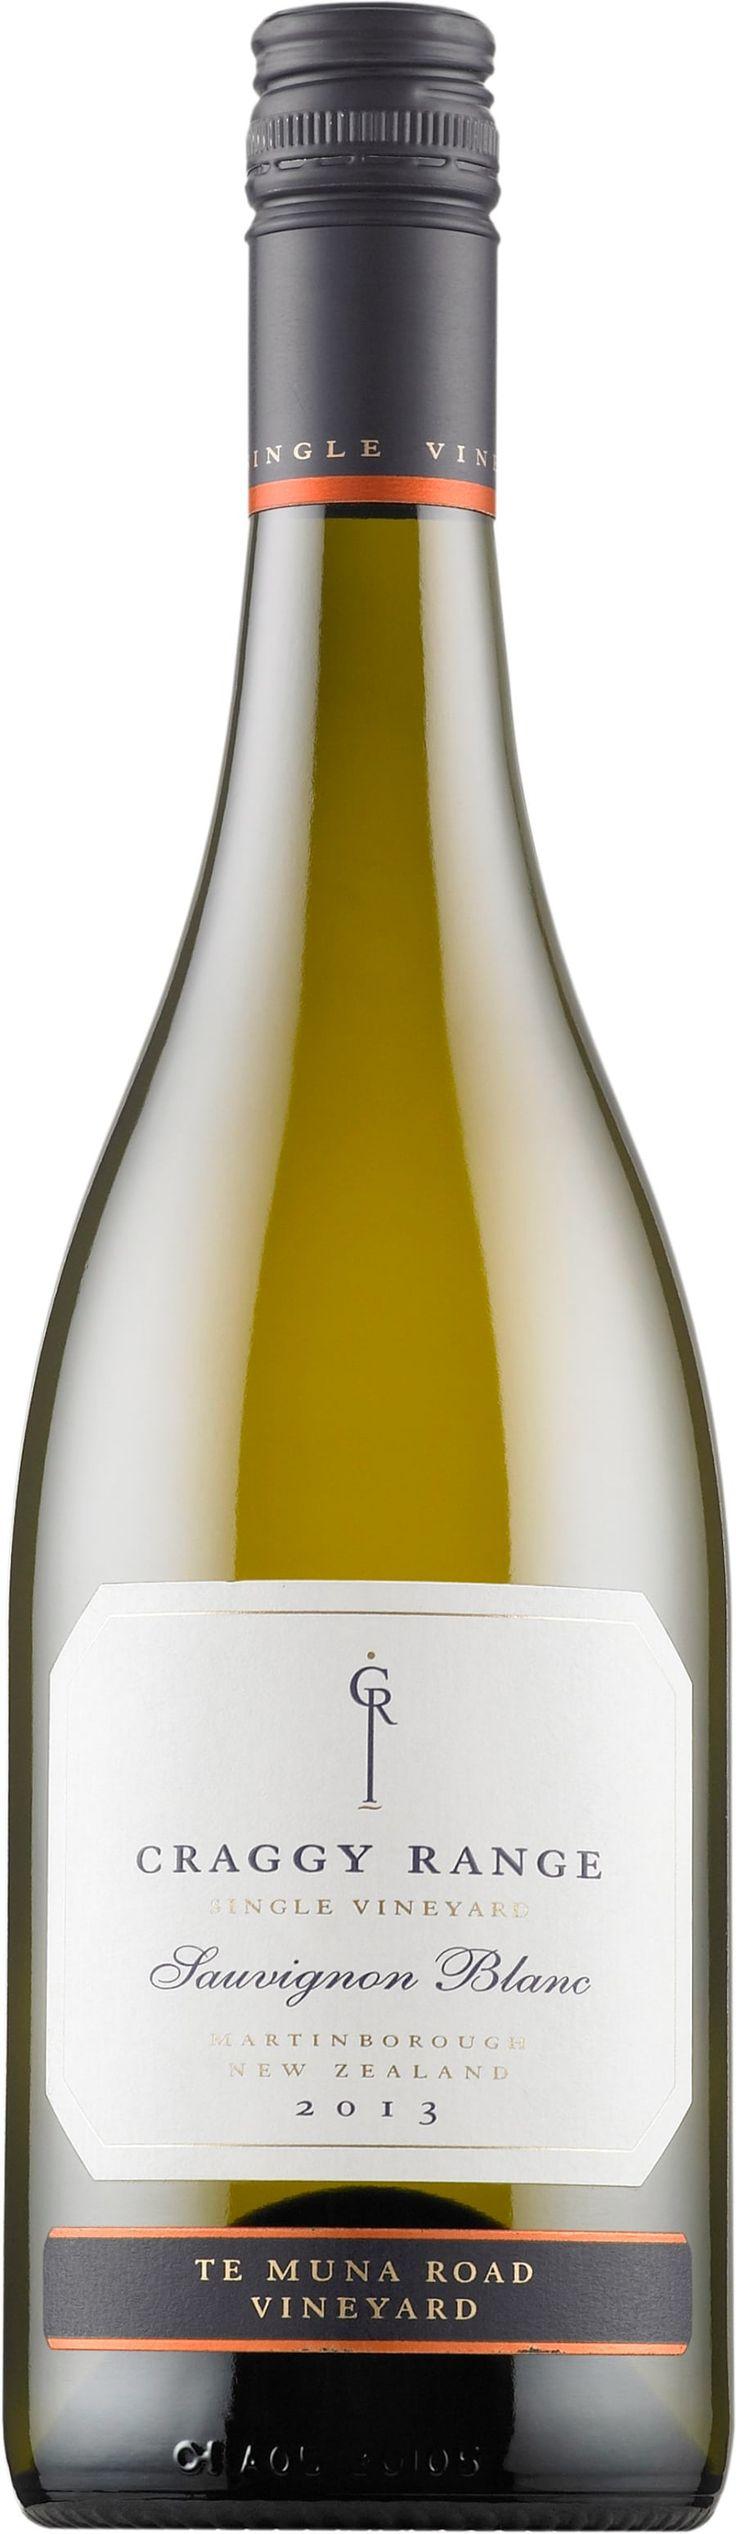 Craggy Range Te Muna Road Vineyard Sauvignon Blanc 2016. New Zealand: Sauvignon Blanc. 17,35 €. Vivahteikas ja ryhdikäs: Kuiva, hapokas, kypsän karviaismainen, sitruksinen, kevyen tomaatinlehtinen, yrttinen, mineraalinen, vivahteikas